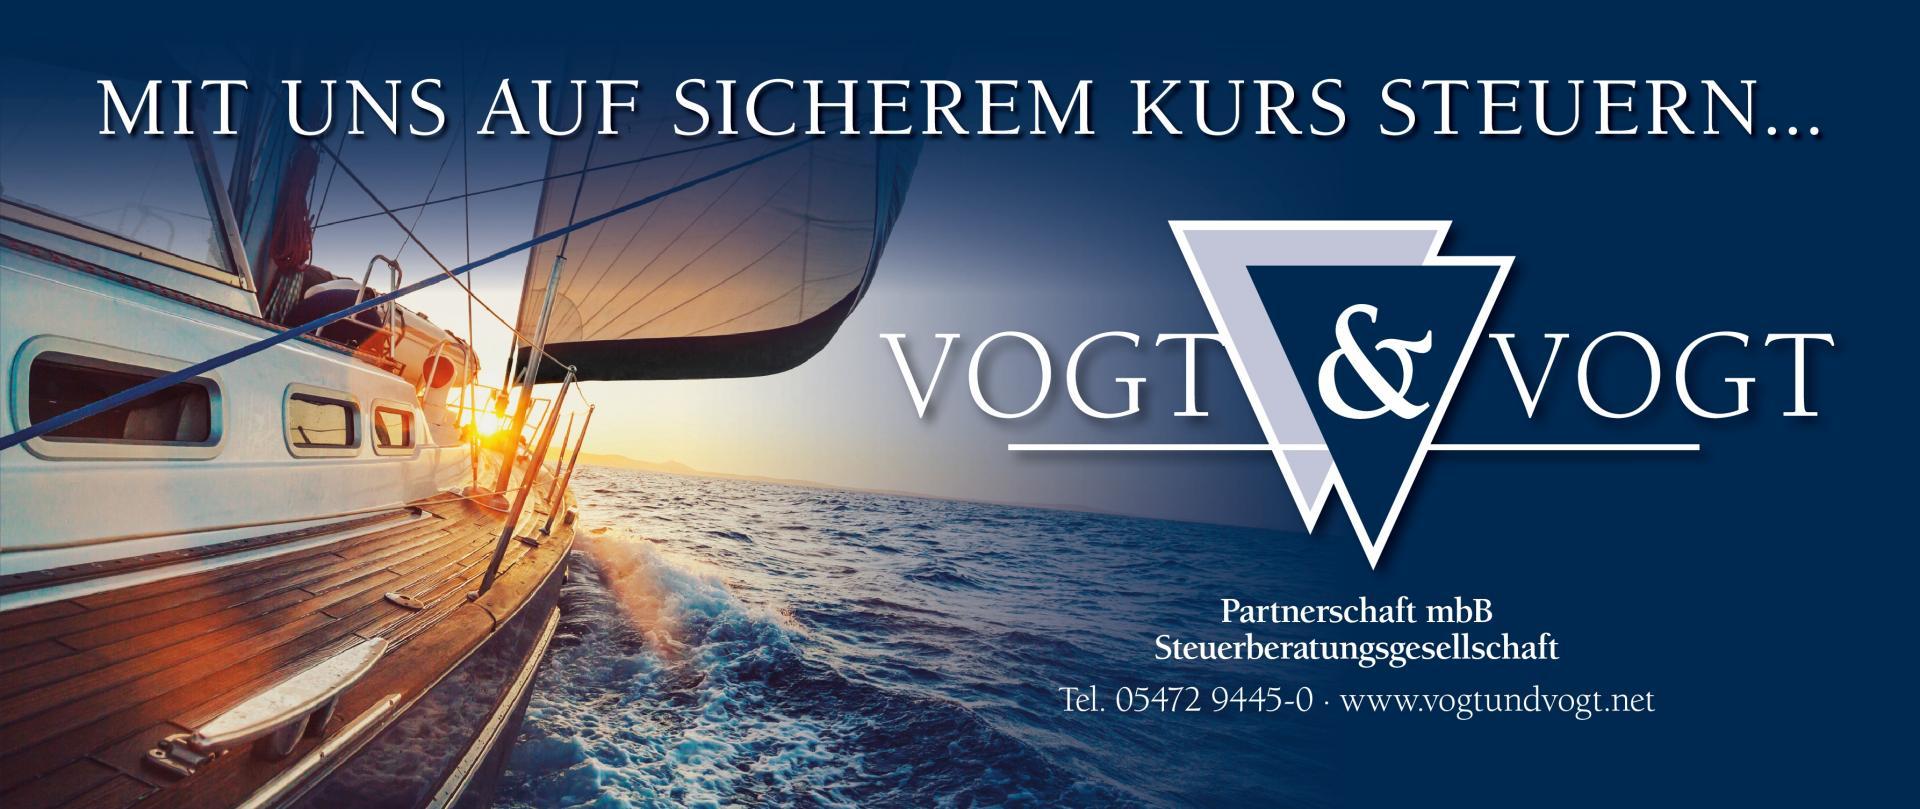 Vogt & Vogt